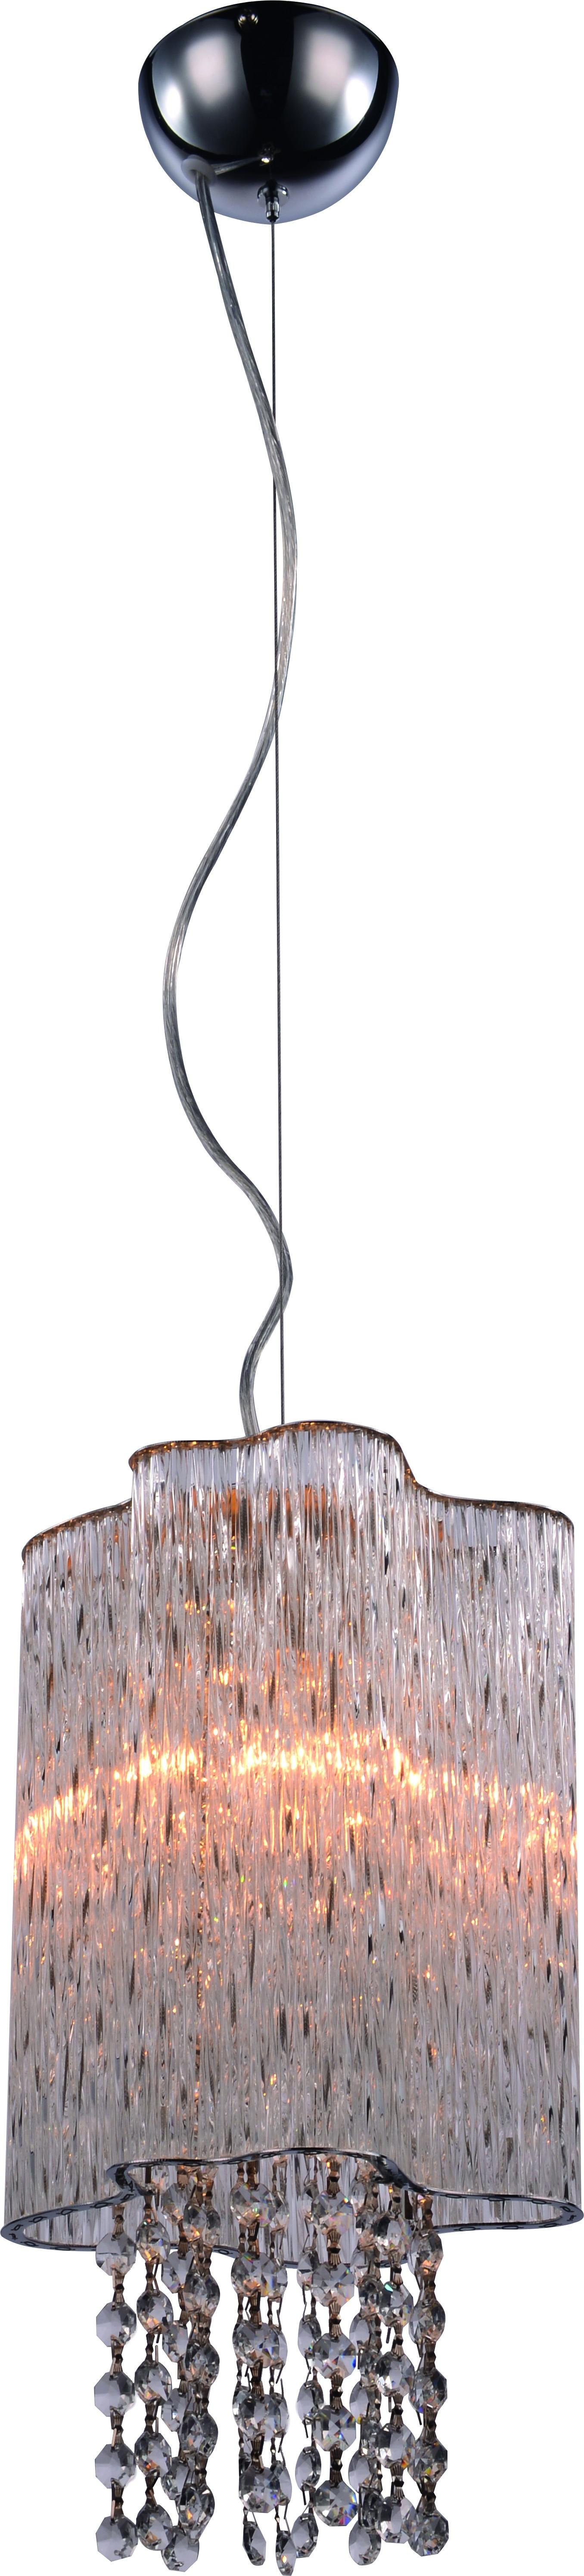 Светильник подвесной Arte lamp A8560sp-1cl arte lamp a8560sp 8cl